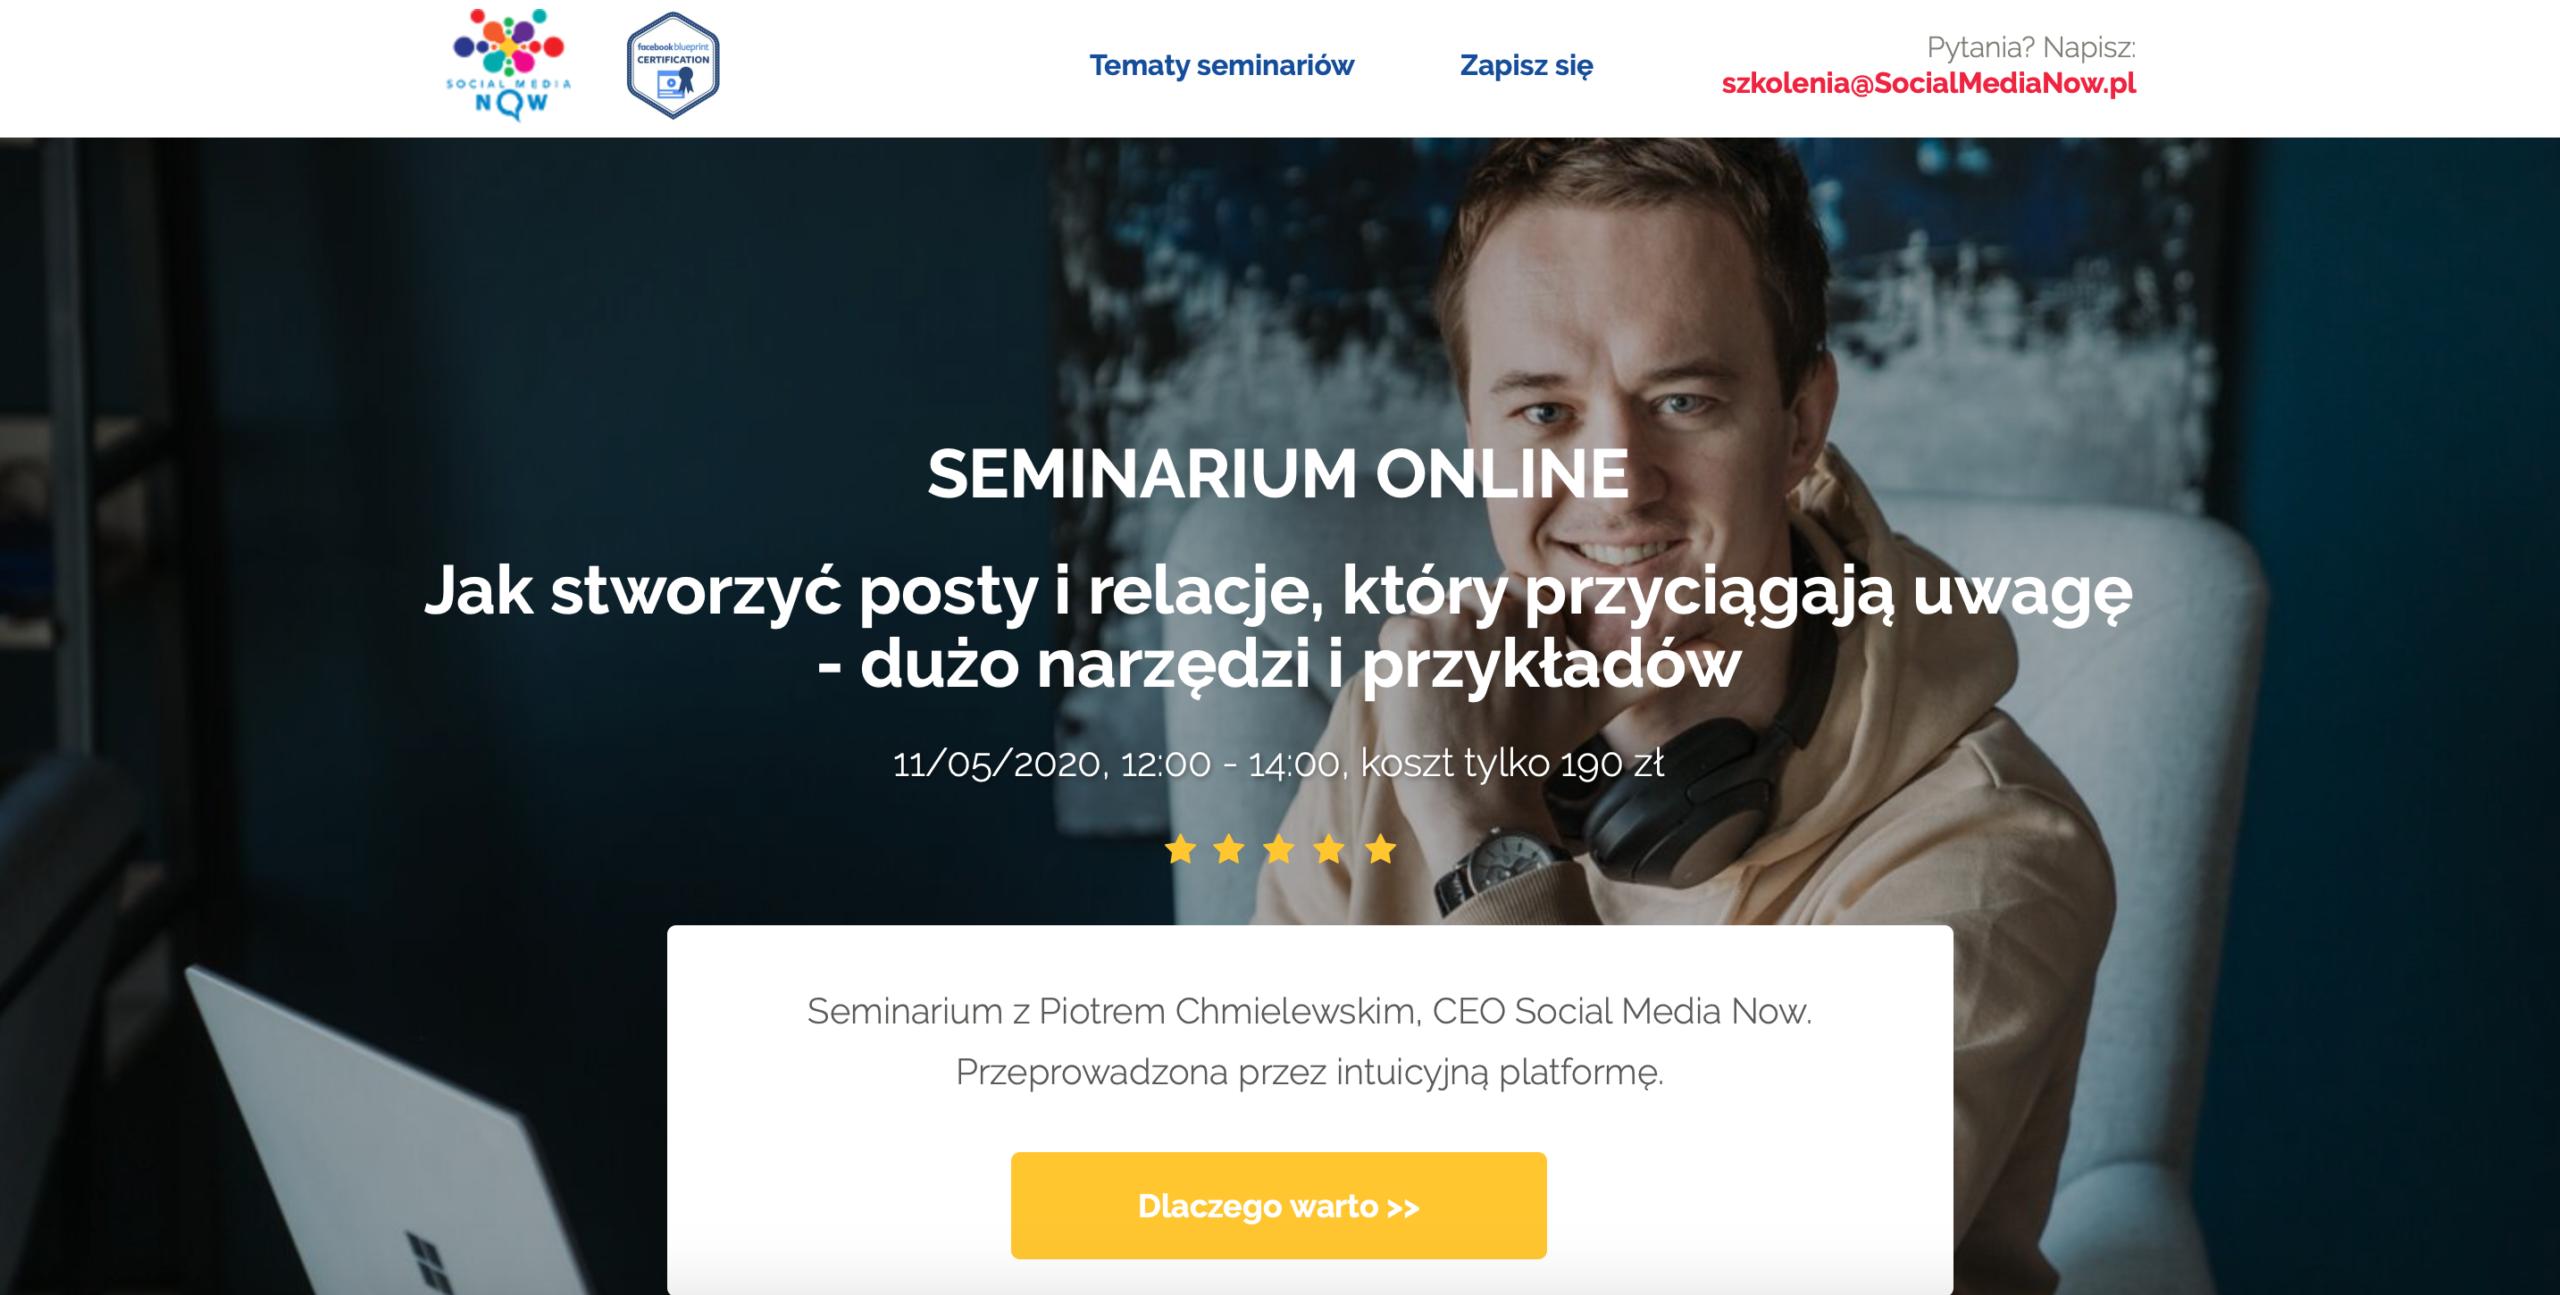 Seminarium online